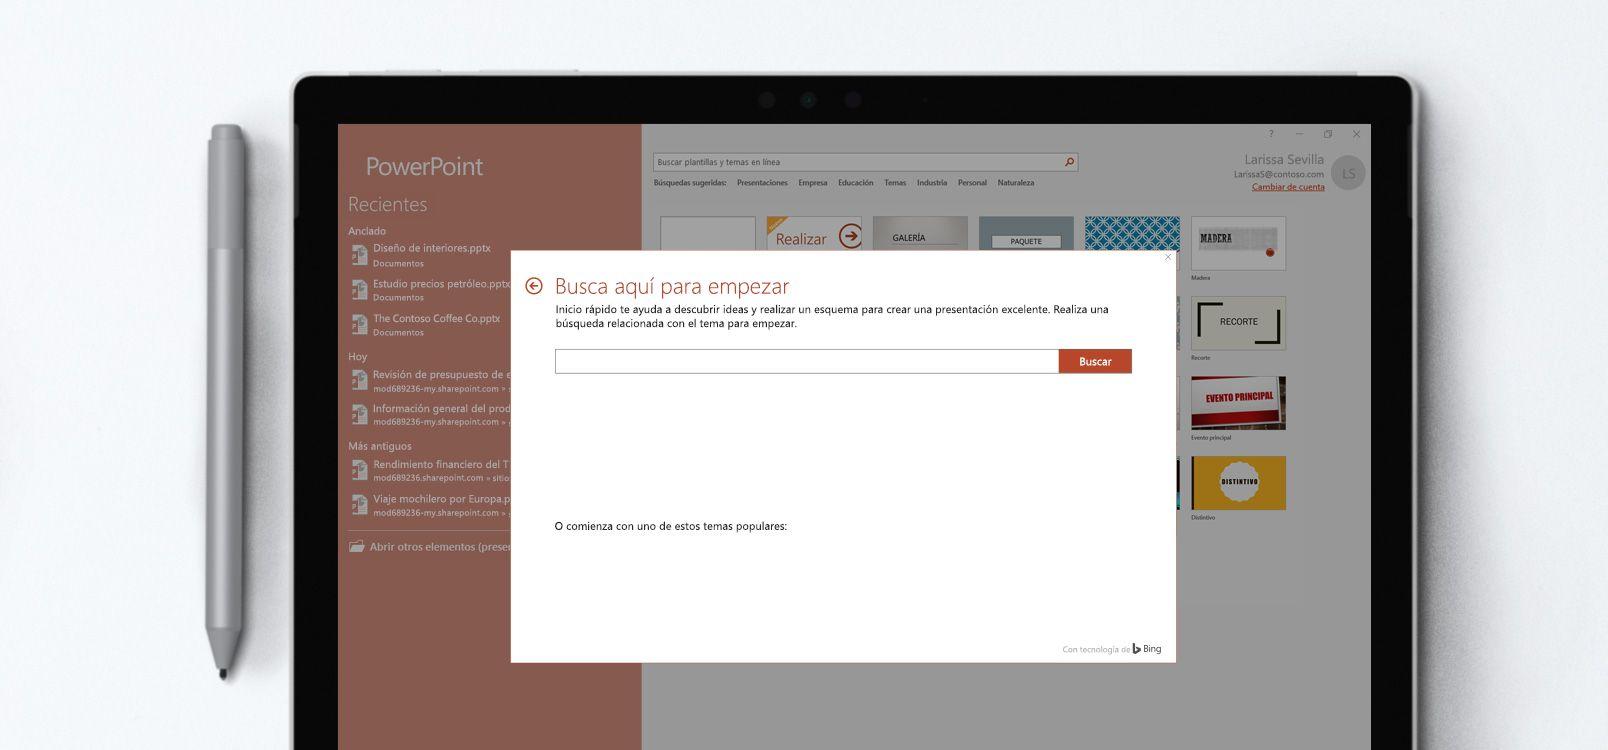 Pantalla de una tableta en la que se muestra un documento de PowerPoint en el que se está usando la característica Inicio rápido